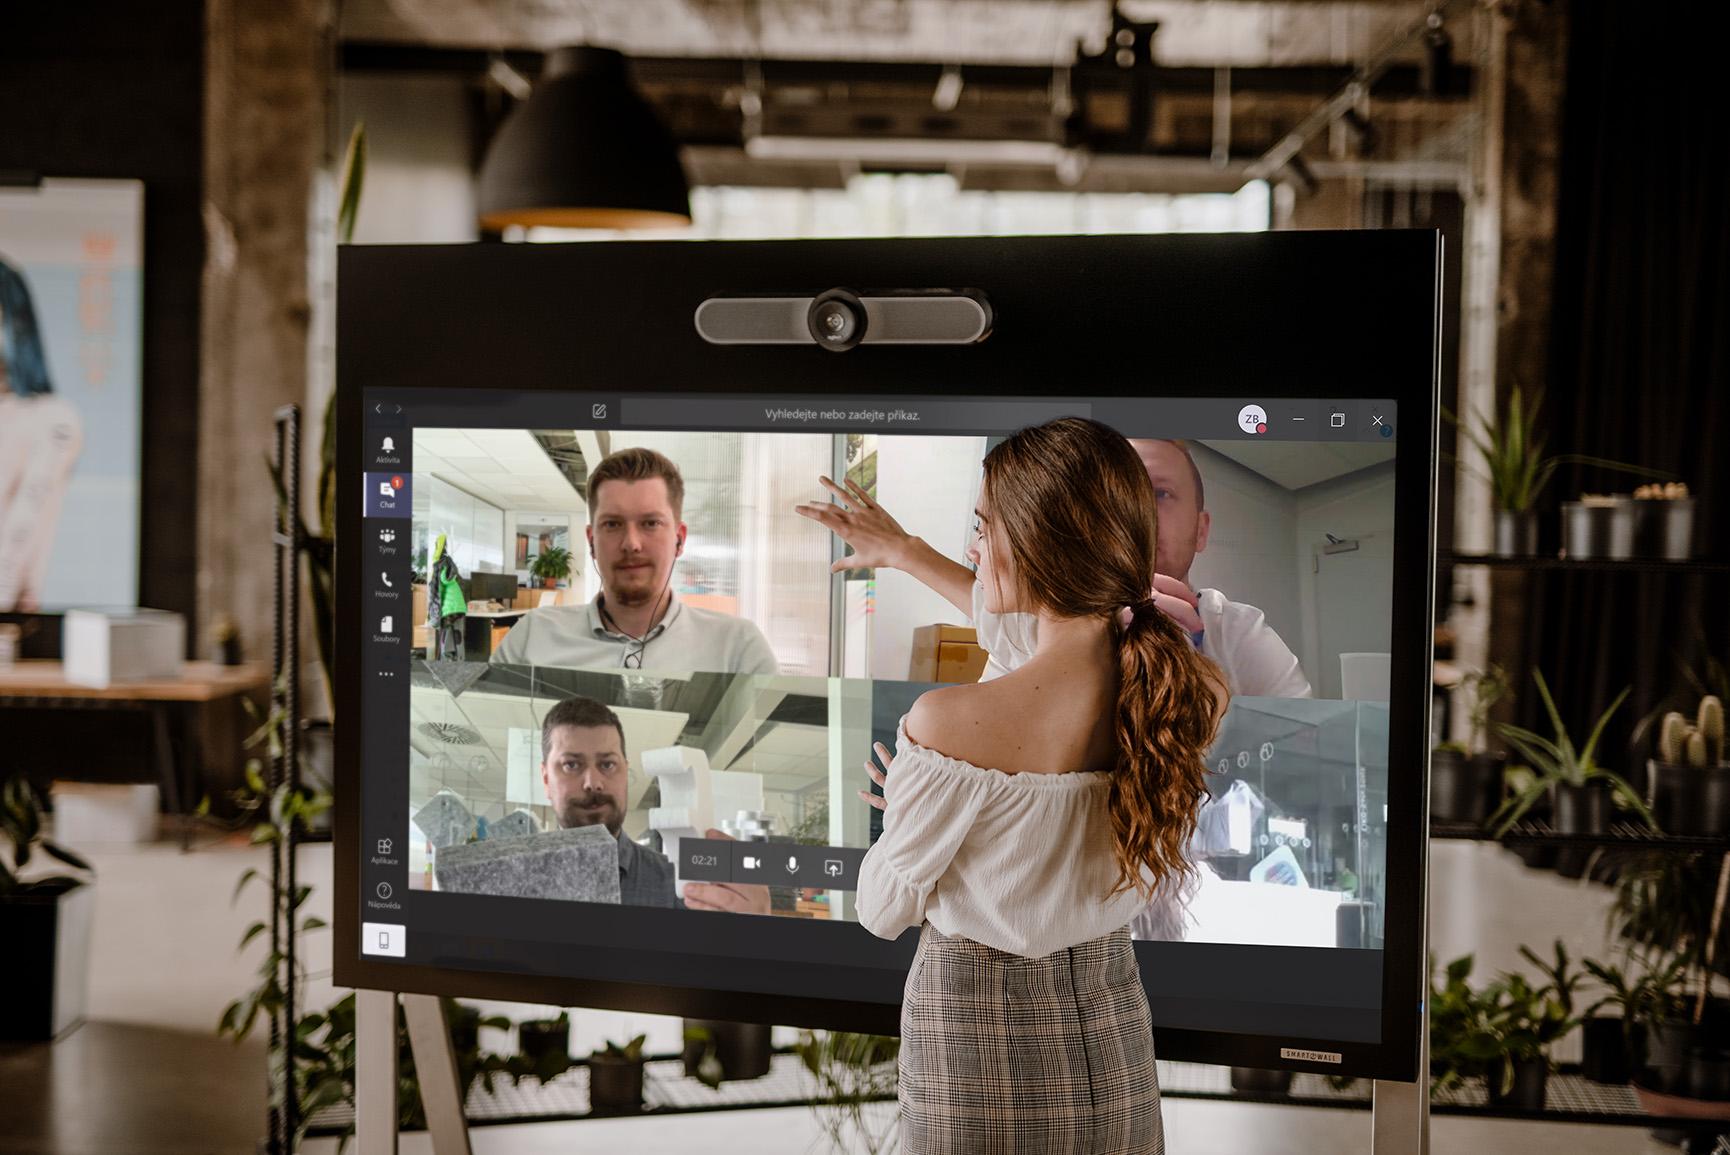 Sie möchten die beste Videokonferenz-Lösung auf dem Markt?